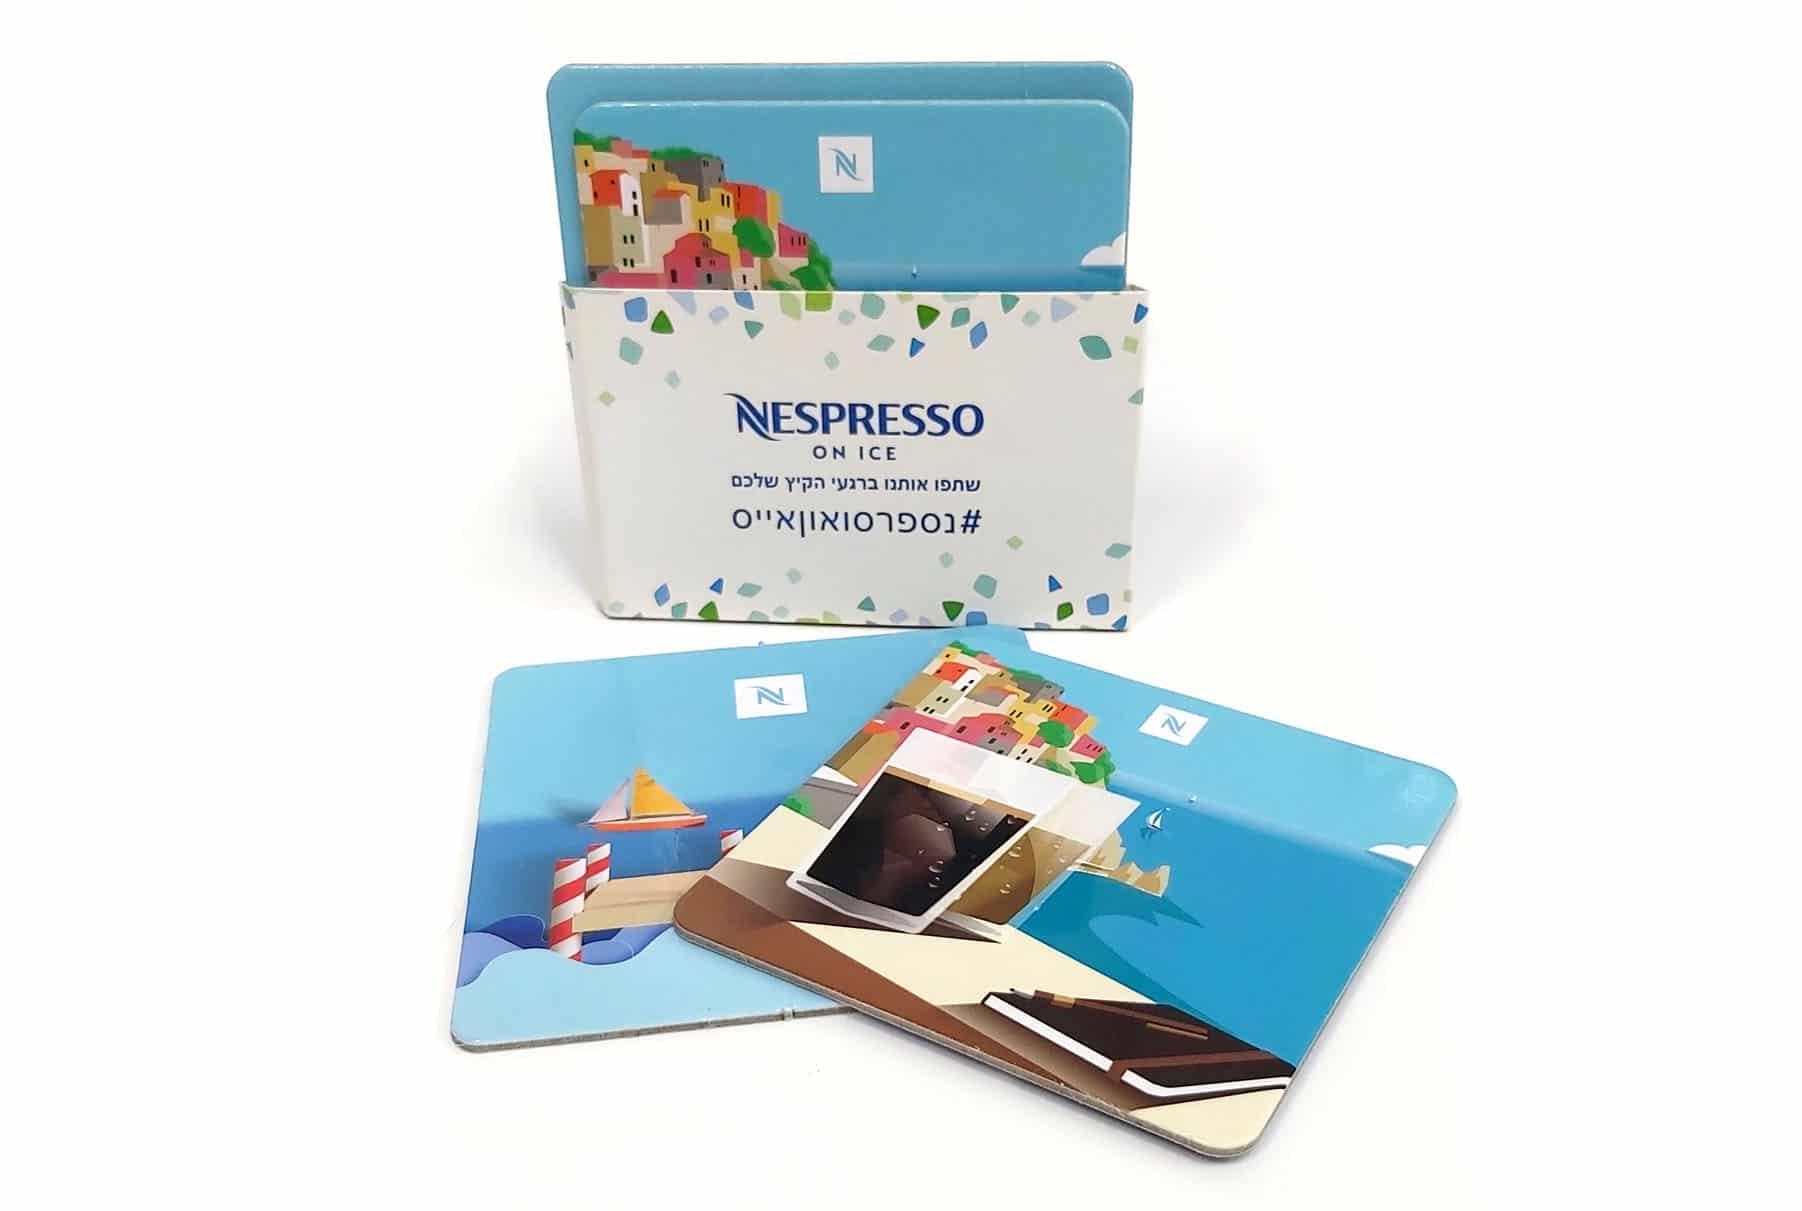 הדפסת תחתיות לכוסות קפה לחברת NESPRESSO